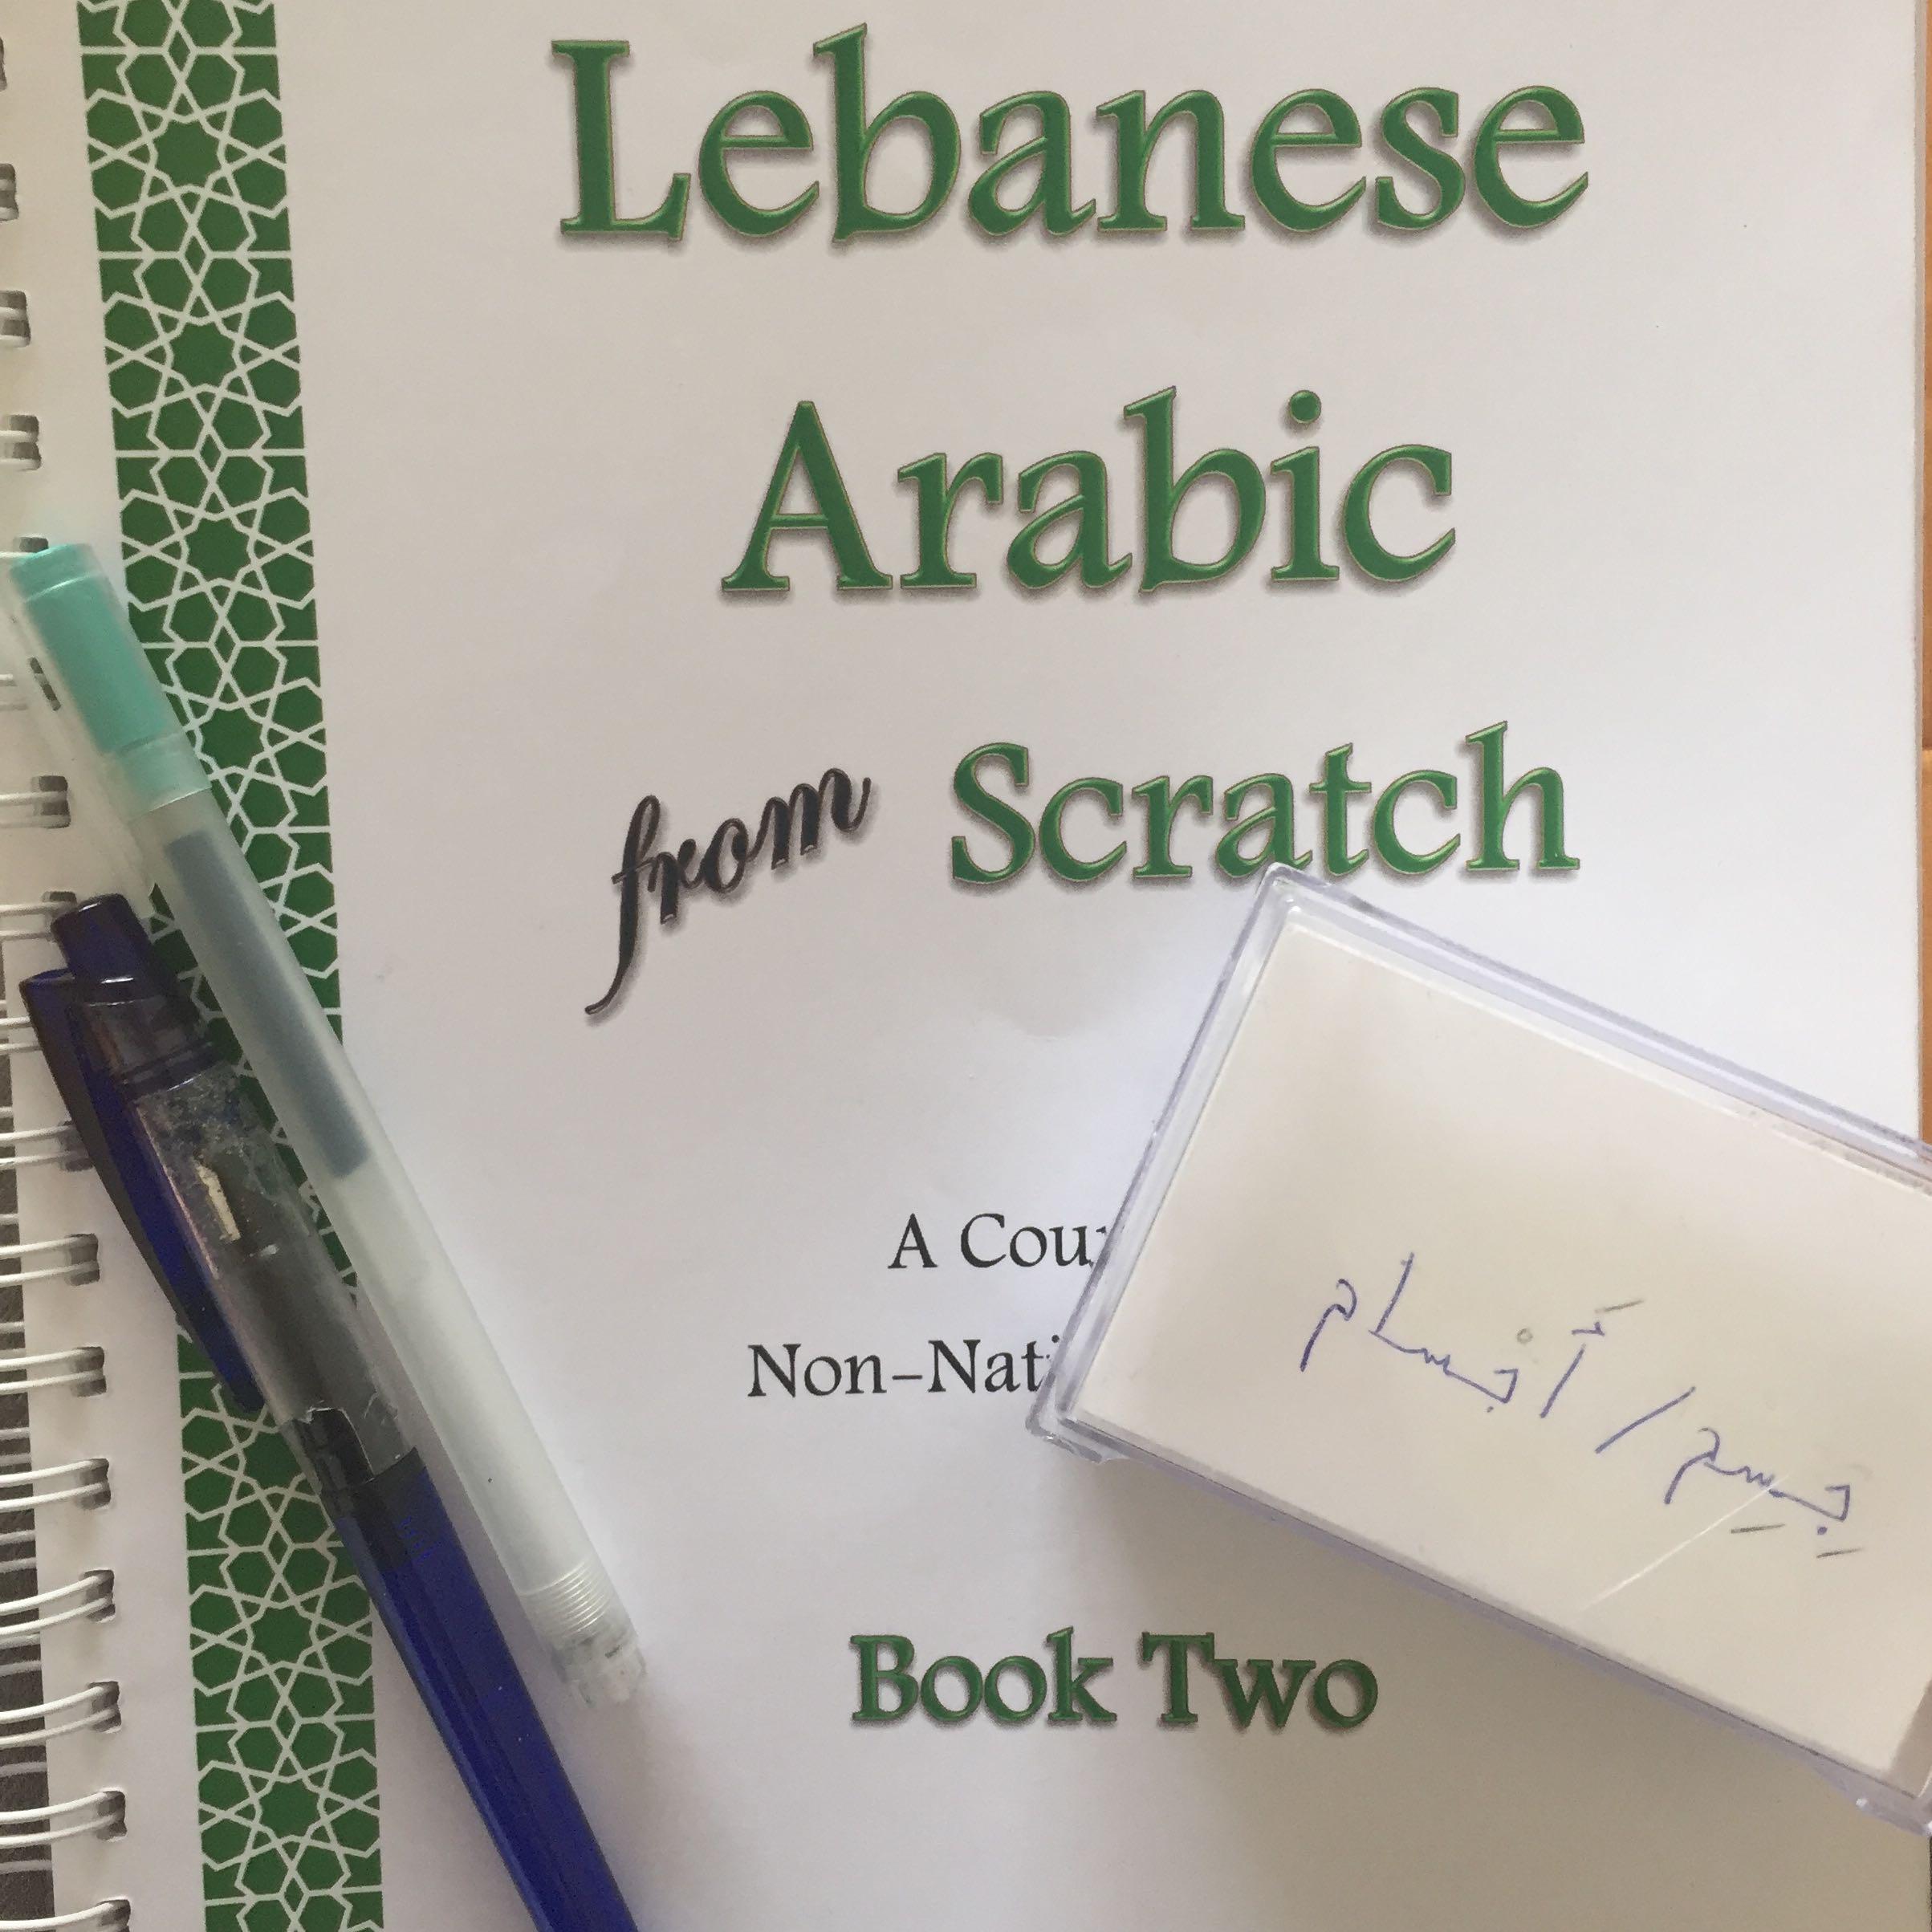 Zwischen Frustration & Faszination: Arabisch lernen im Libanon